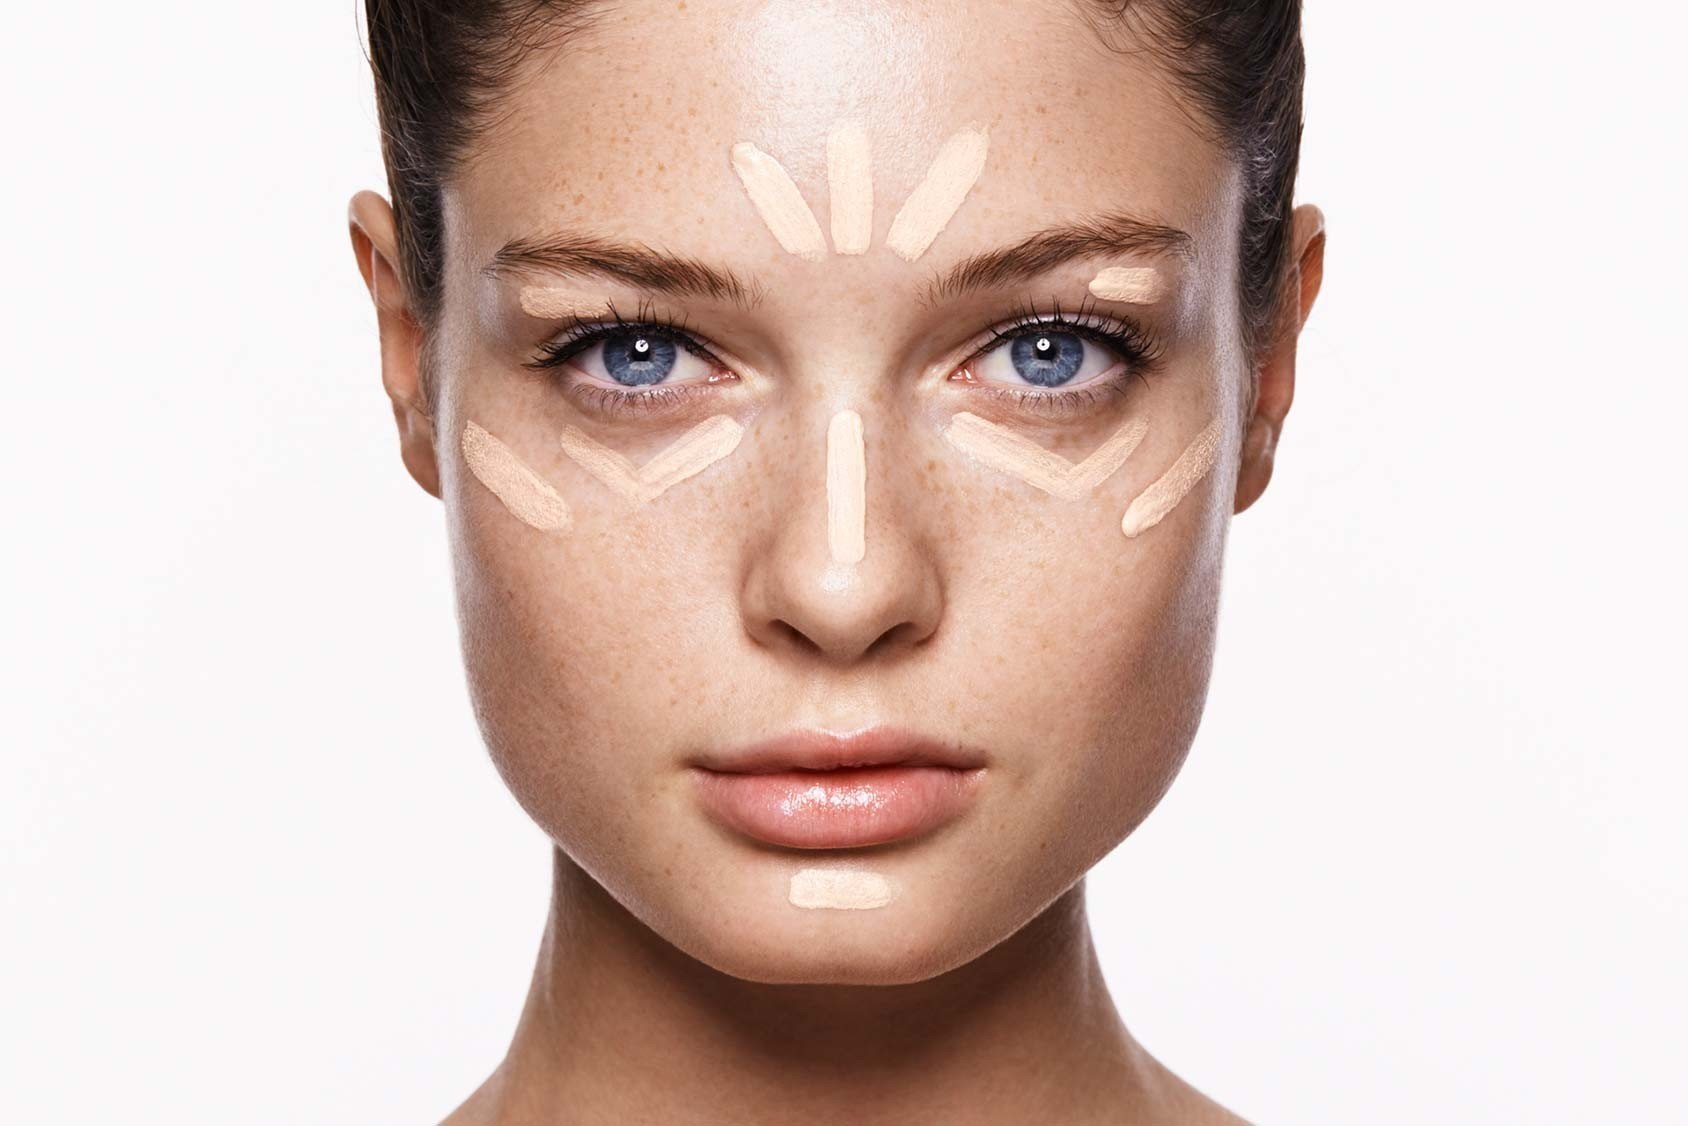 Как поправиться на лицо, чтобы щечки появились (что сделать и) 76